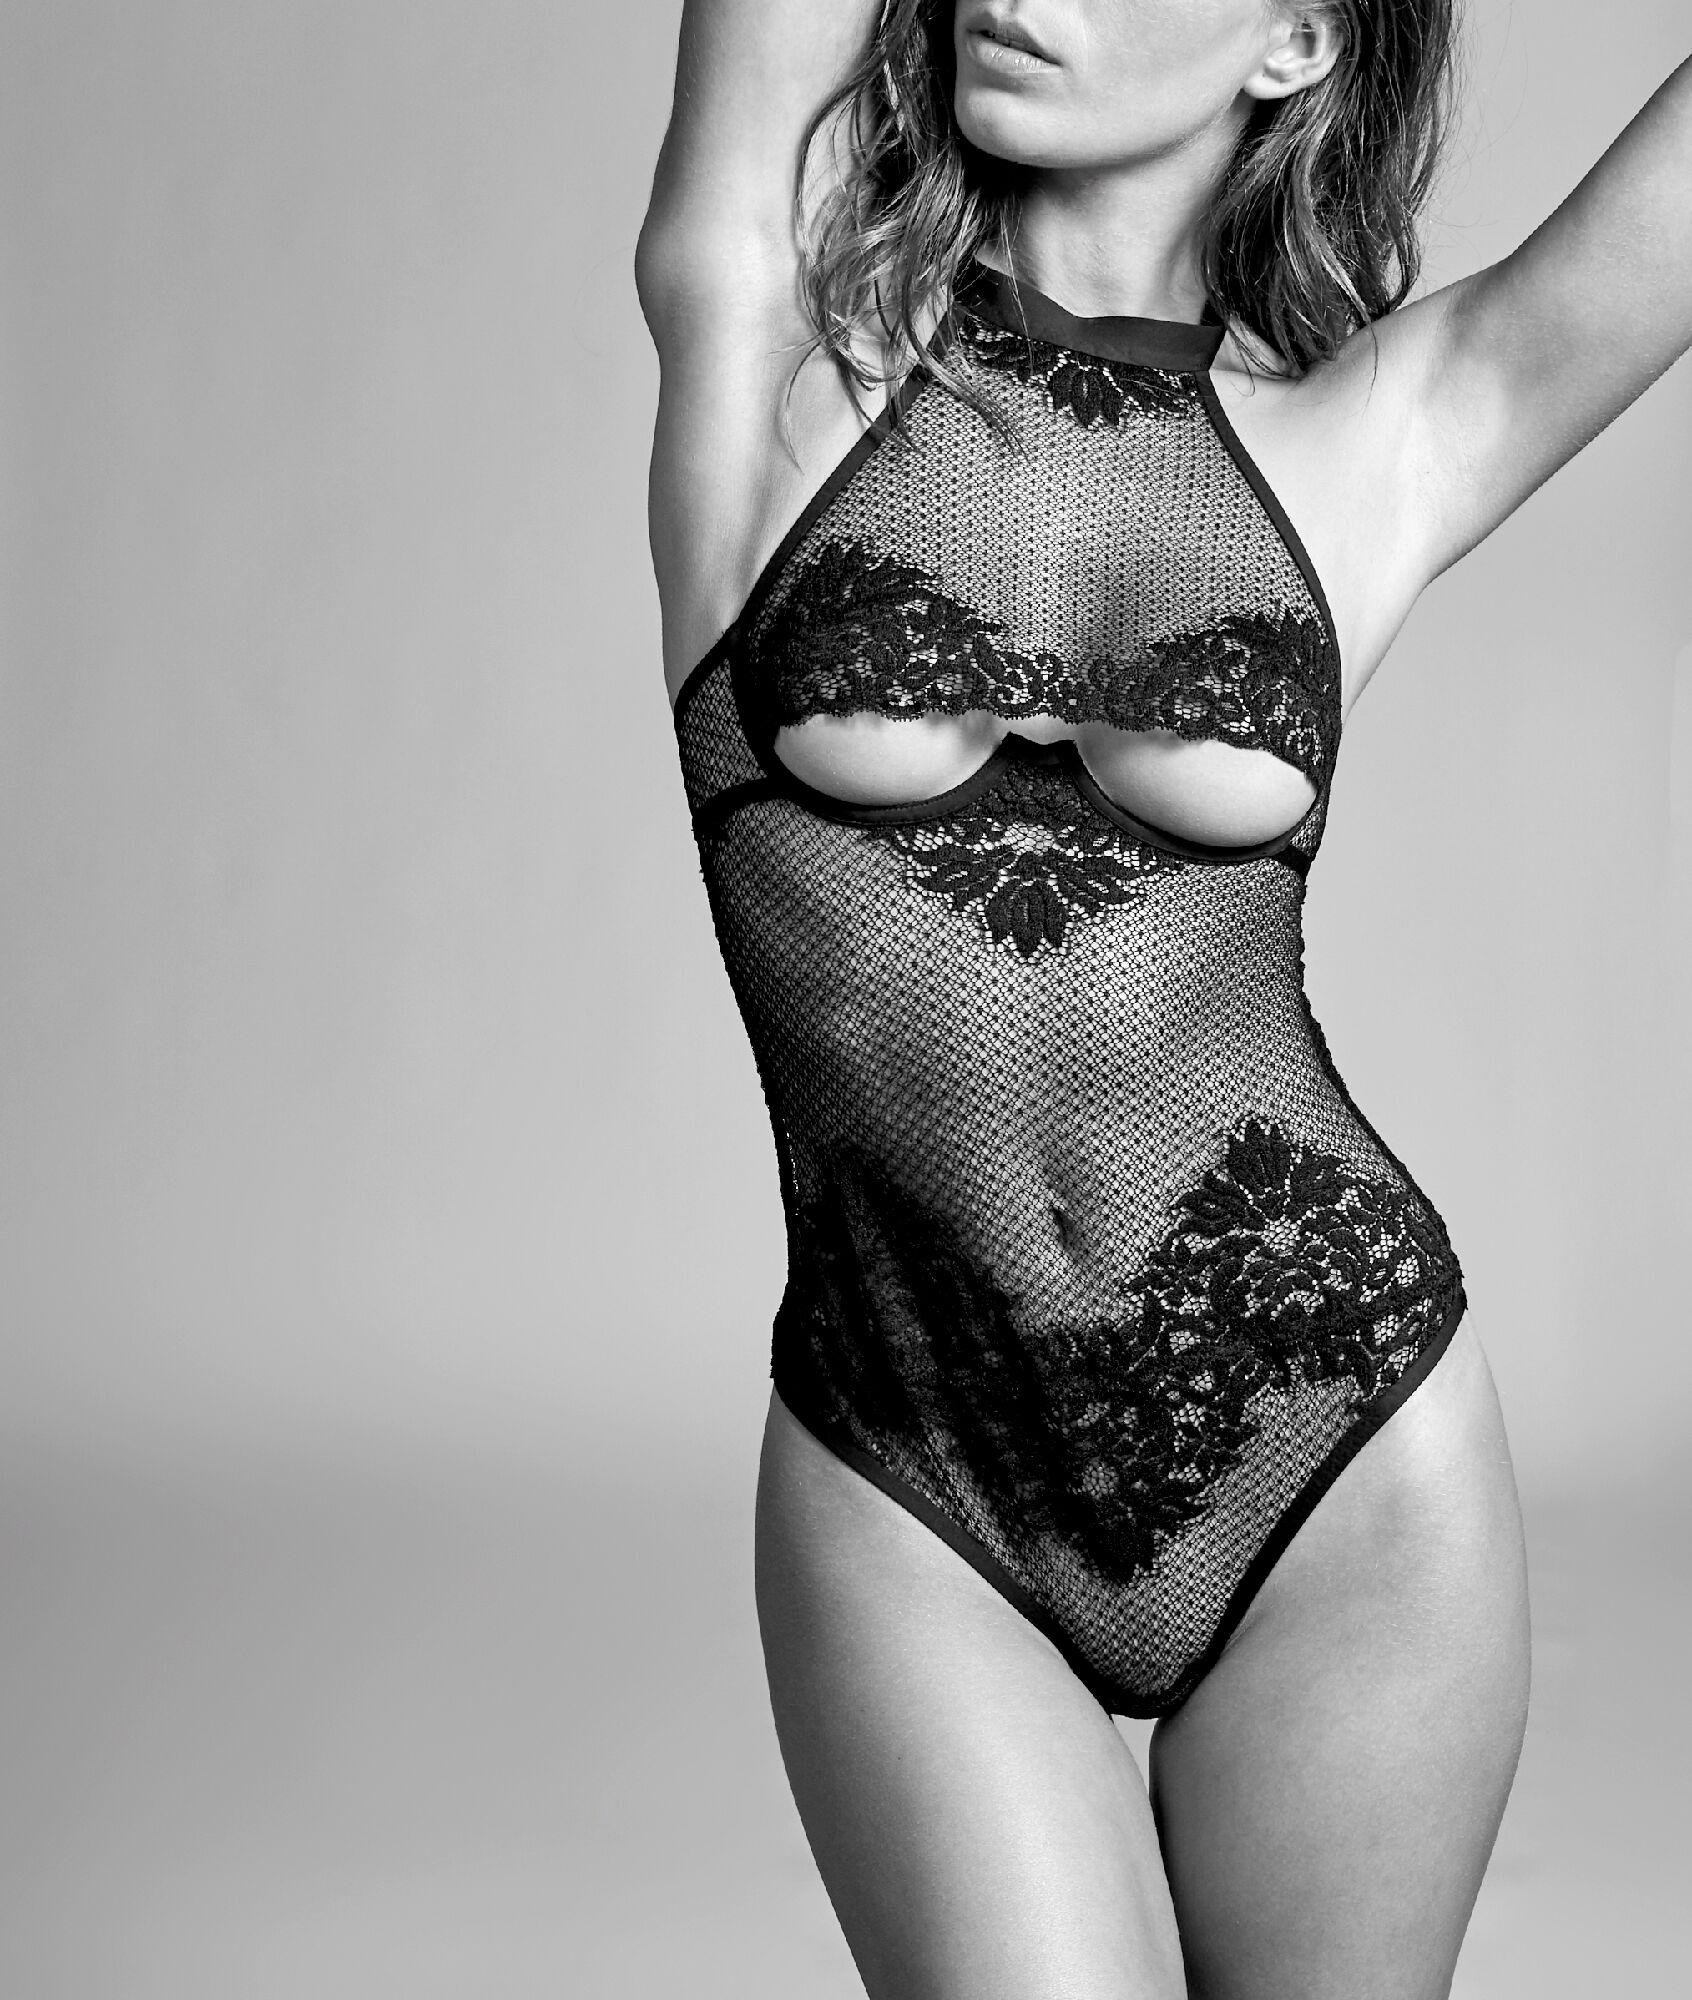 SEXY RESILLE Siateczkowe body ze stringami, dekolt underboob